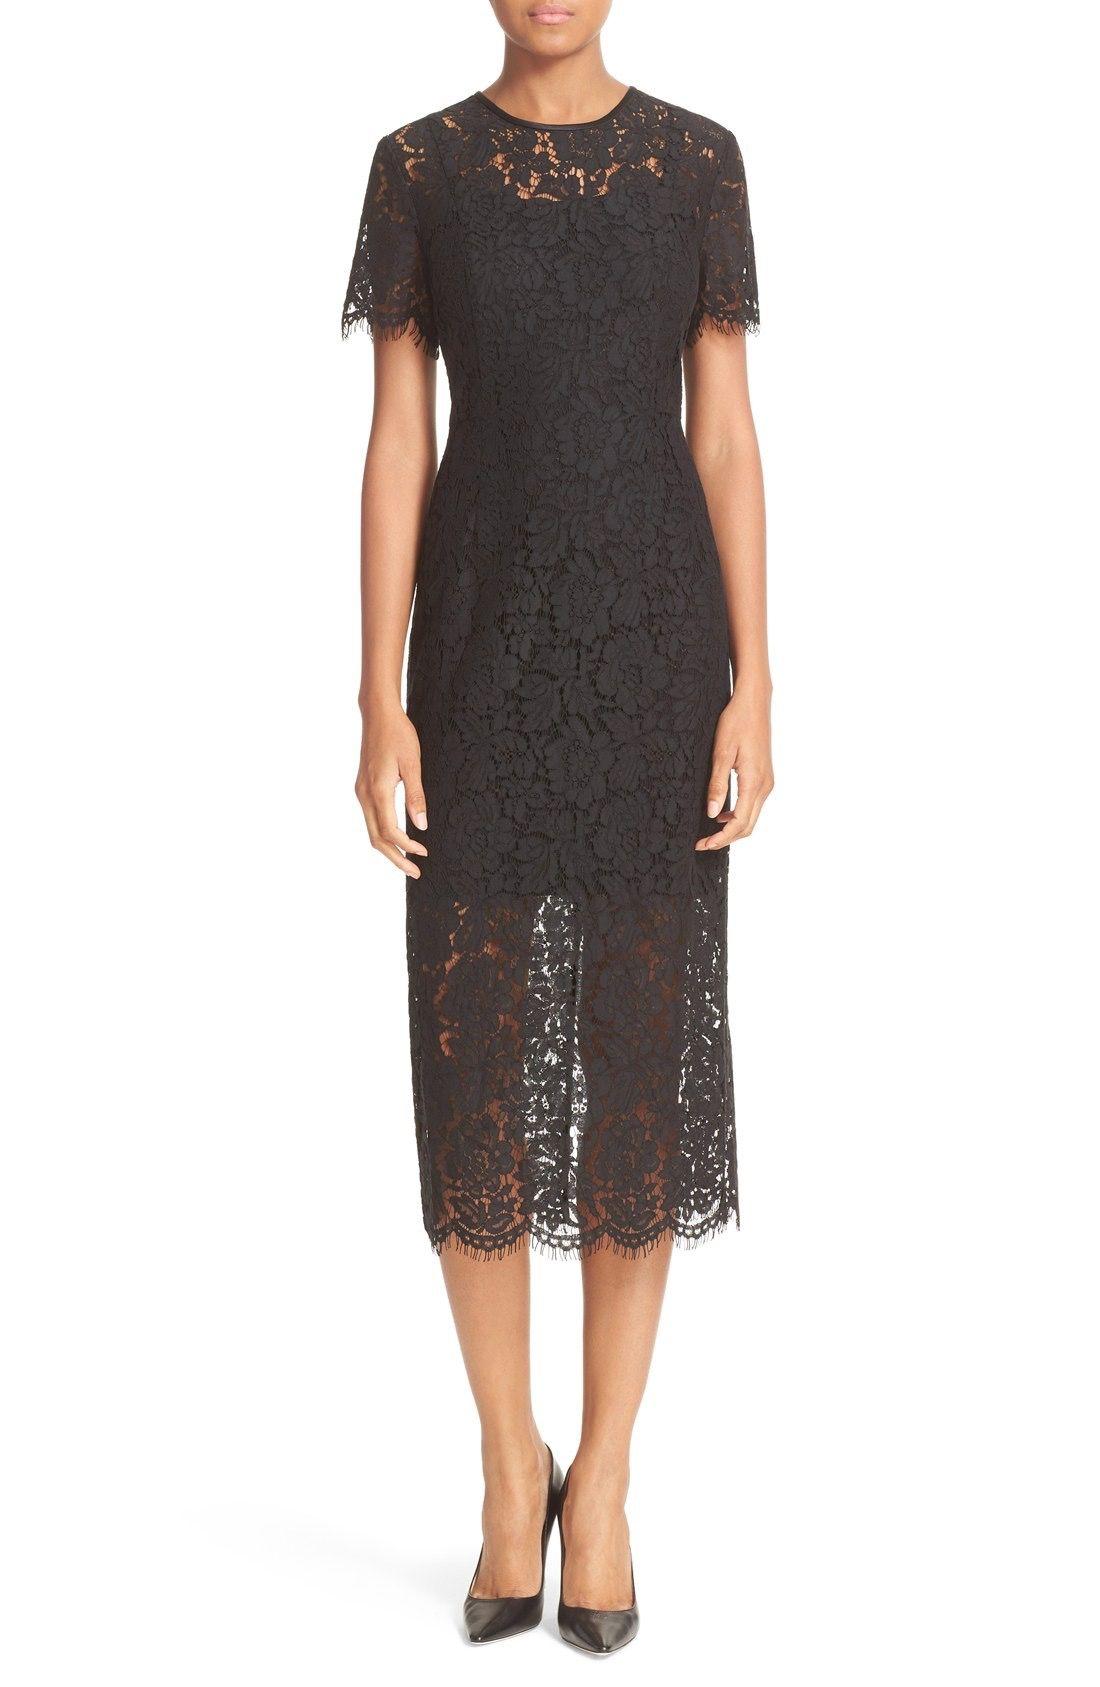 Dress for Women, Evening Cocktail Party On Sale, Black, polyamide, 2017, 8 Diane Von Fürstenberg